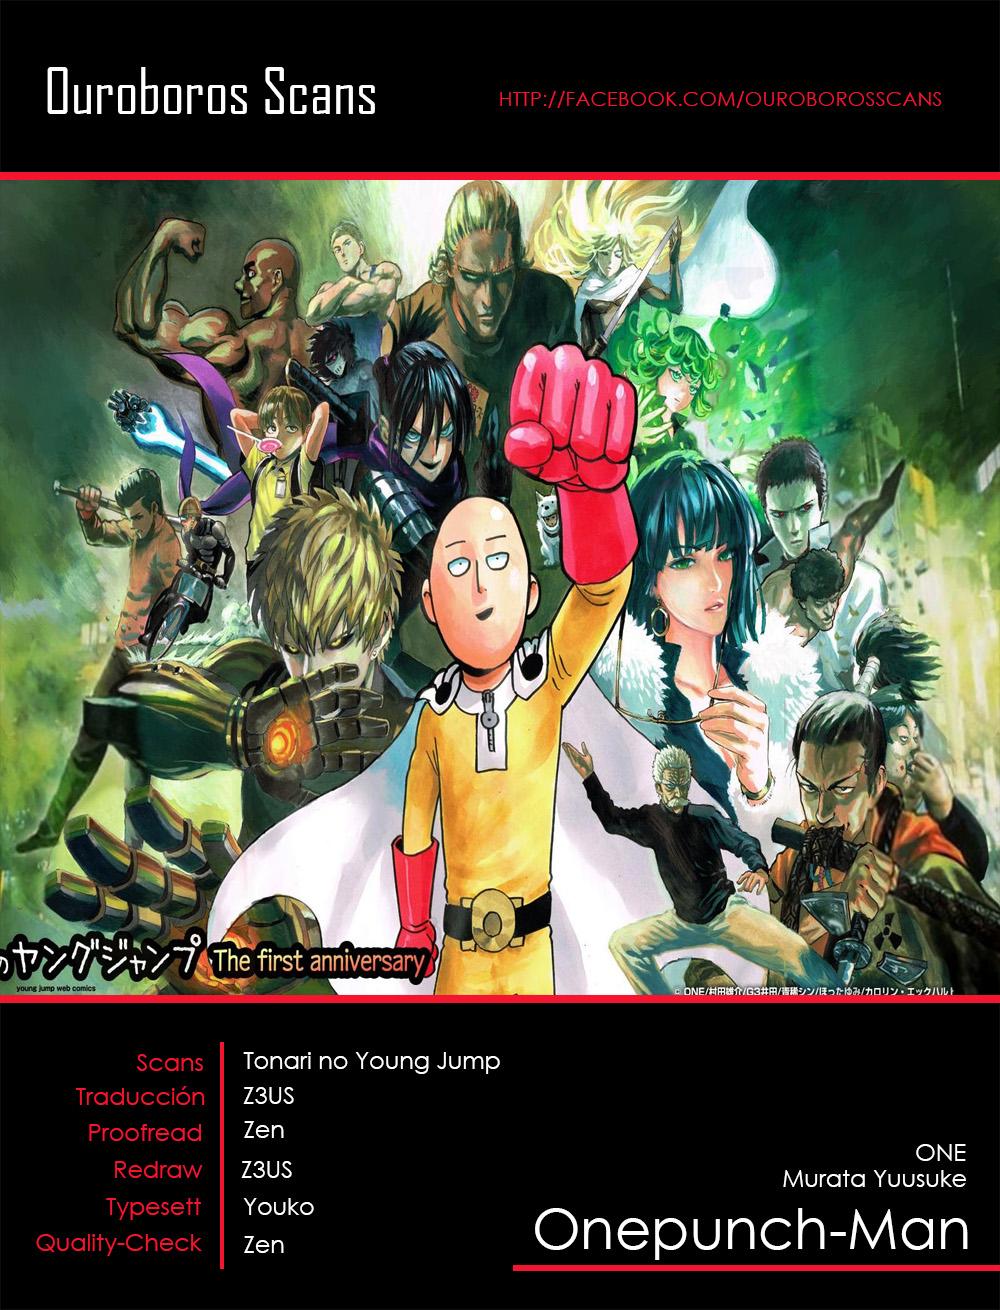 http://c5.ninemanga.com/es_manga/21/14805/389508/beb5dfa1d8e6812f2b520664bd77aff8.jpg Page 1